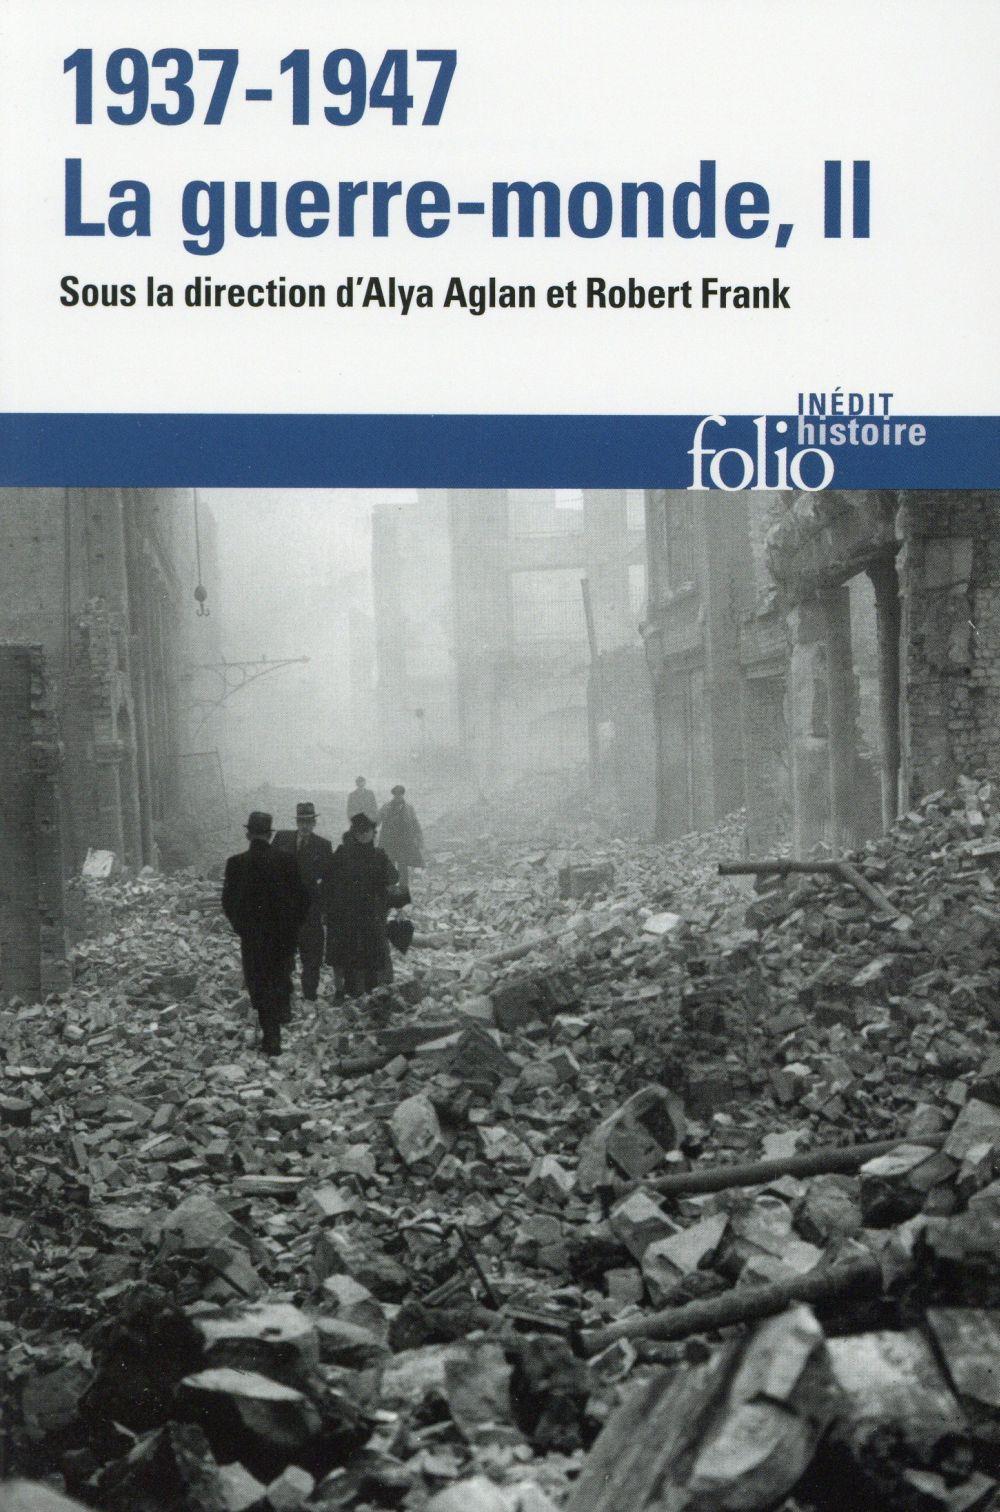 1937-1947 : LA GUERRE-MONDE (TOME 2)  Gallimard